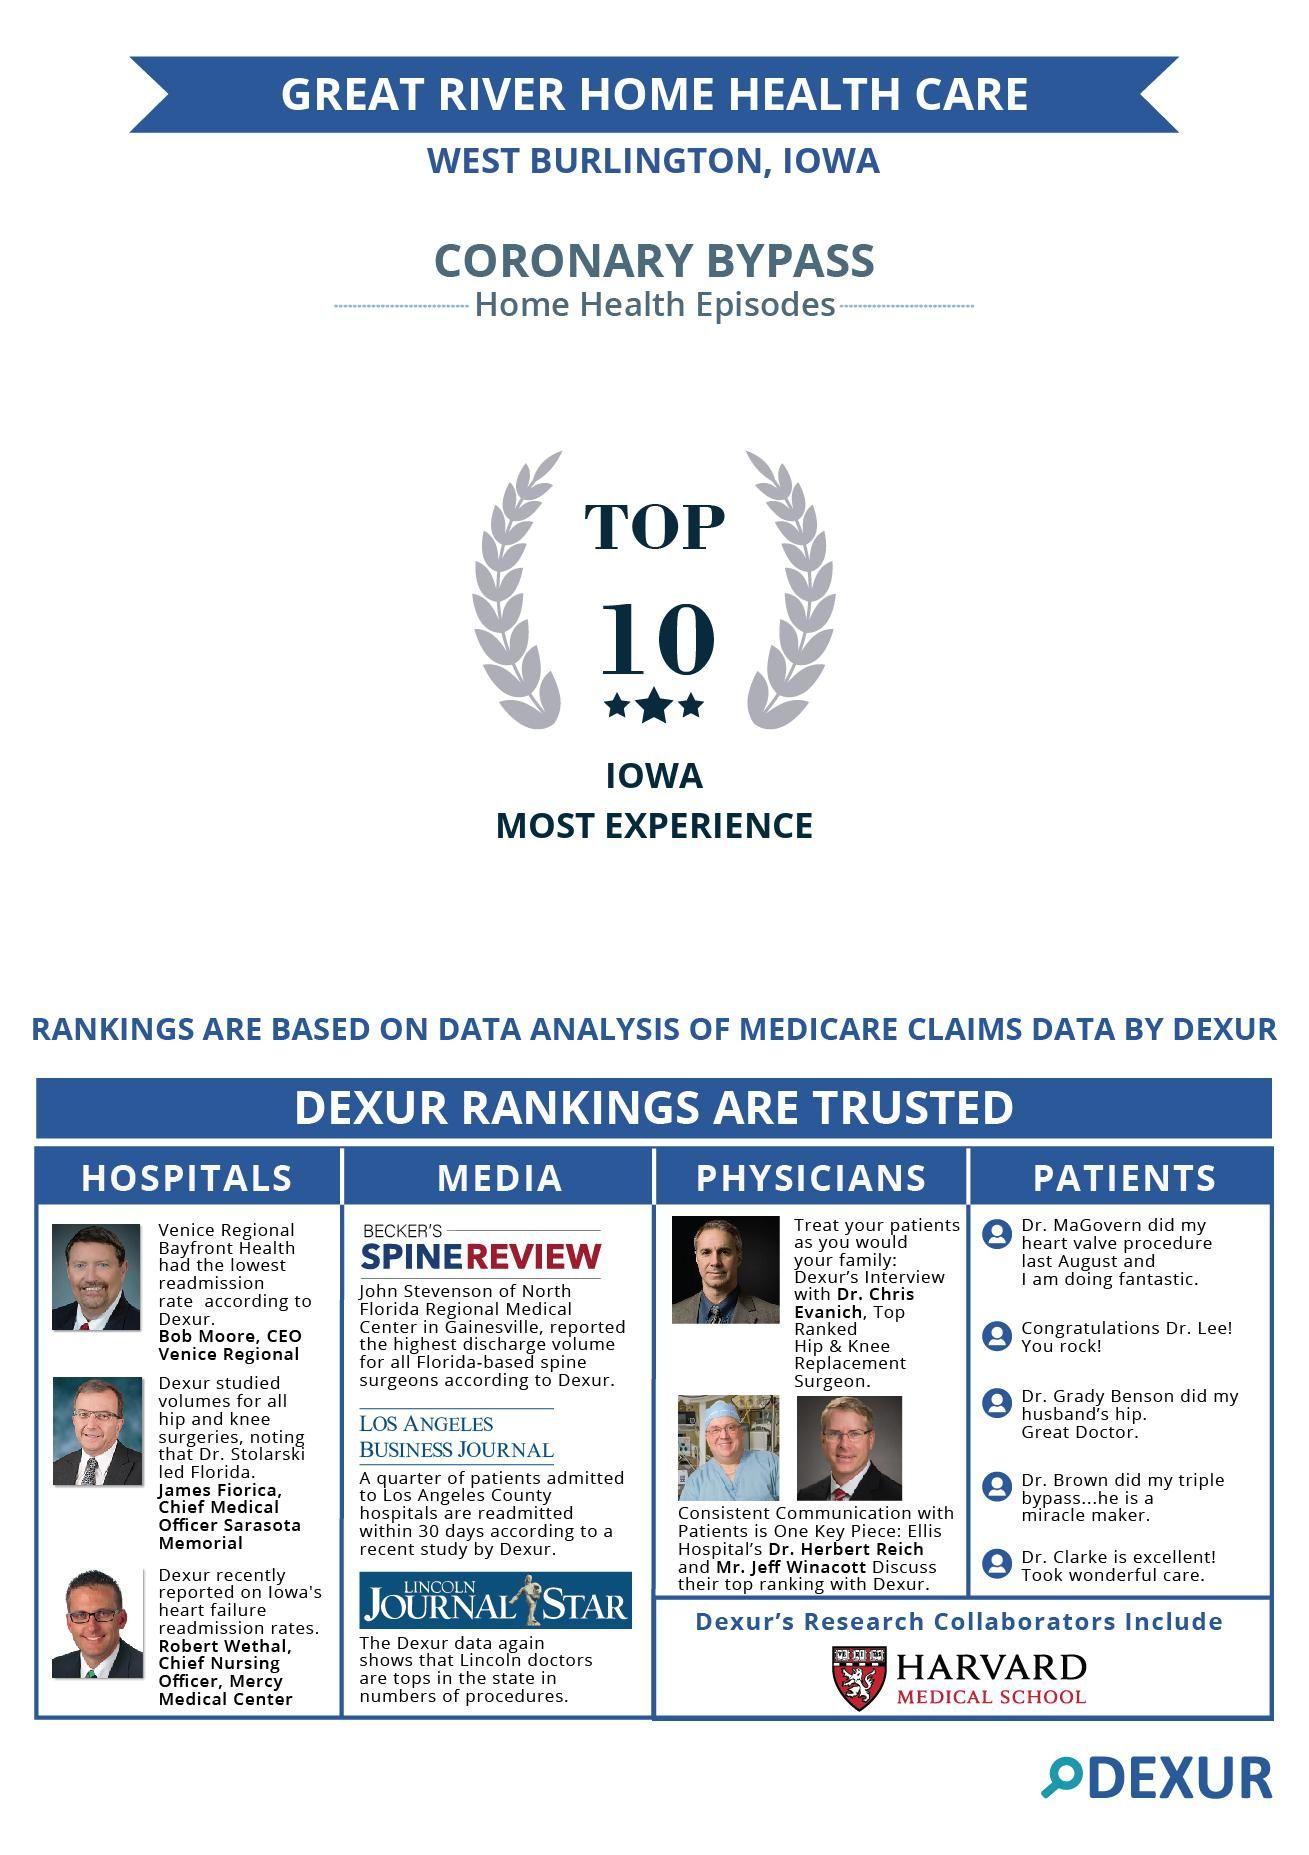 Great River Home Health Care, West Burlington, IA is among